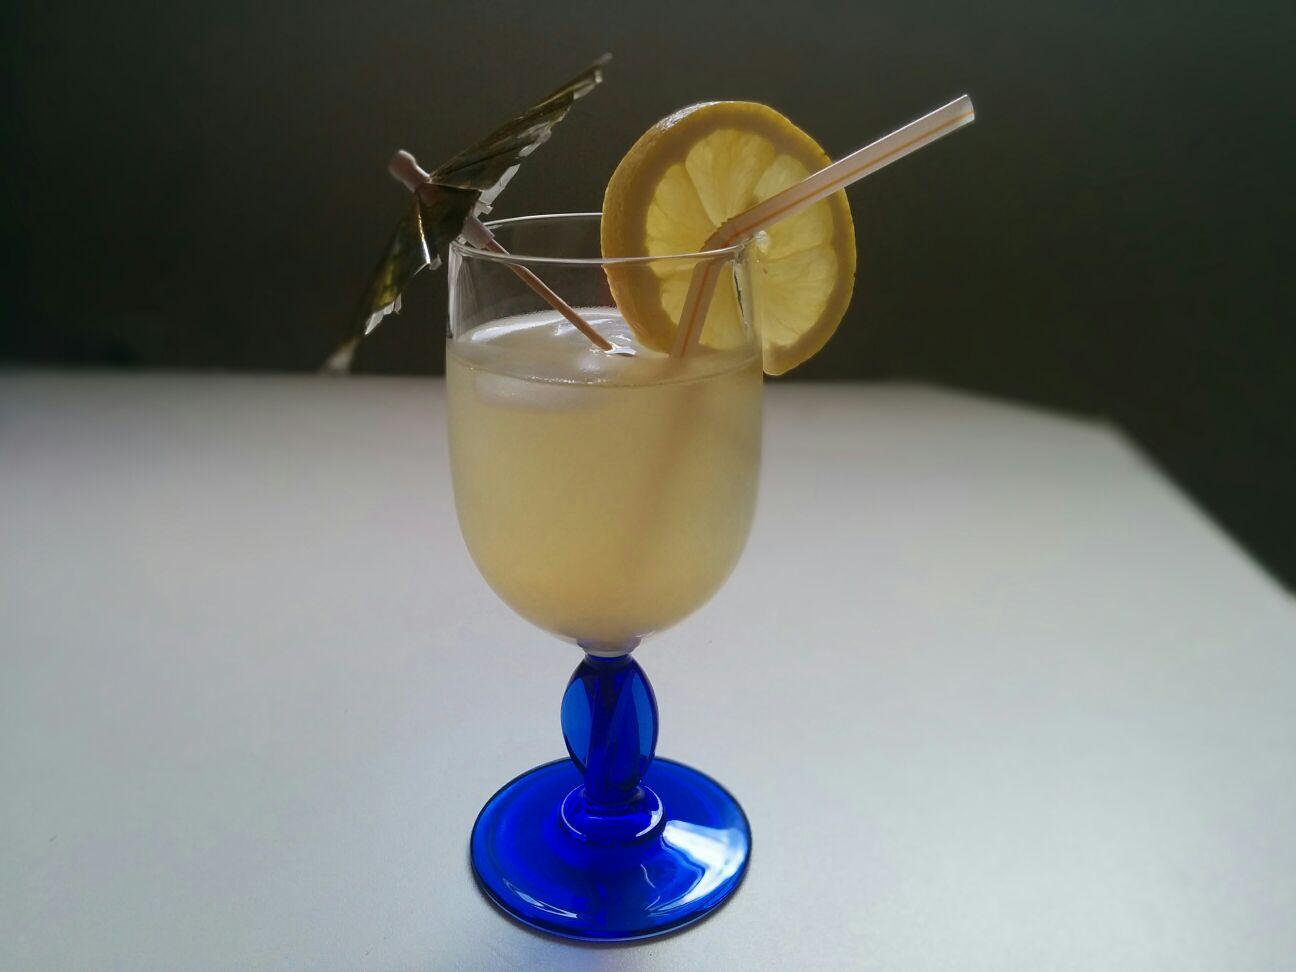 Thumbnail for Limonade – ليموناضة